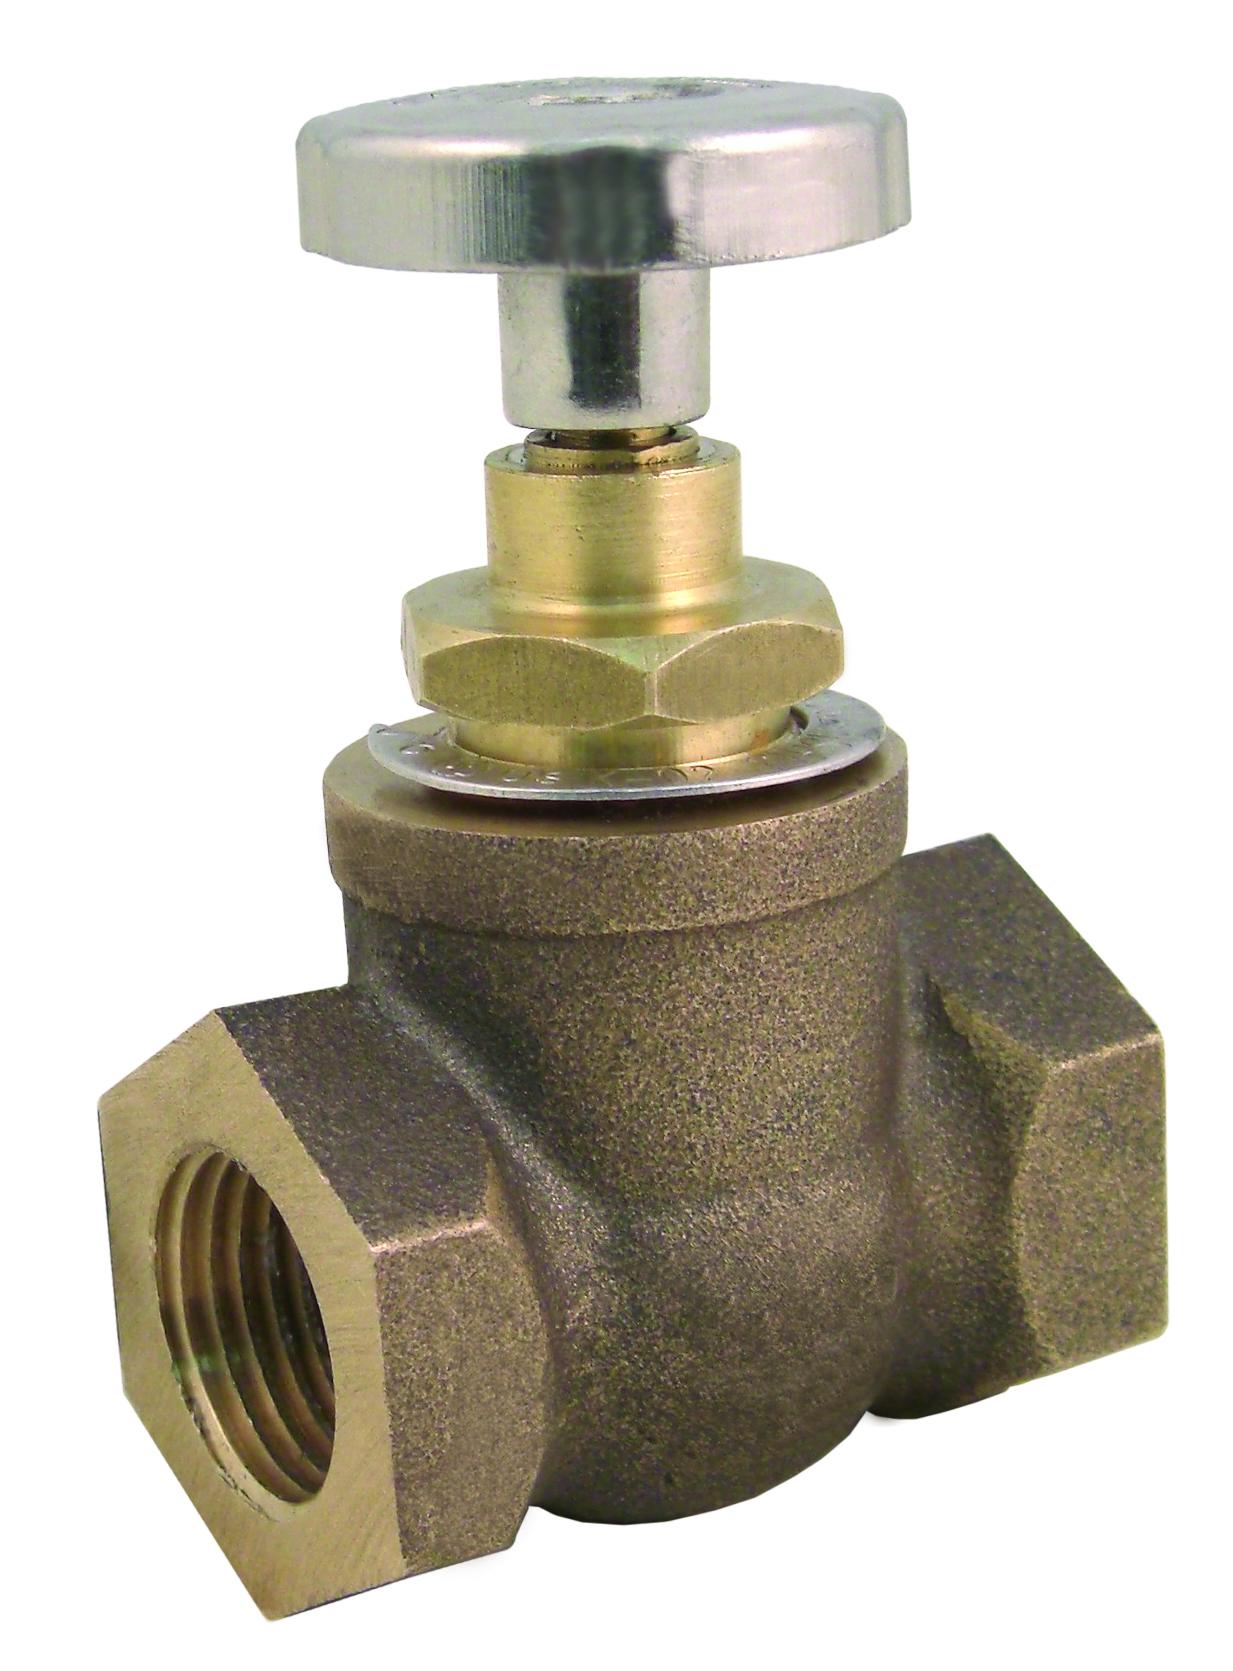 beckett oil draw wiring diagram r w recalls fuel valves due to fire hazard